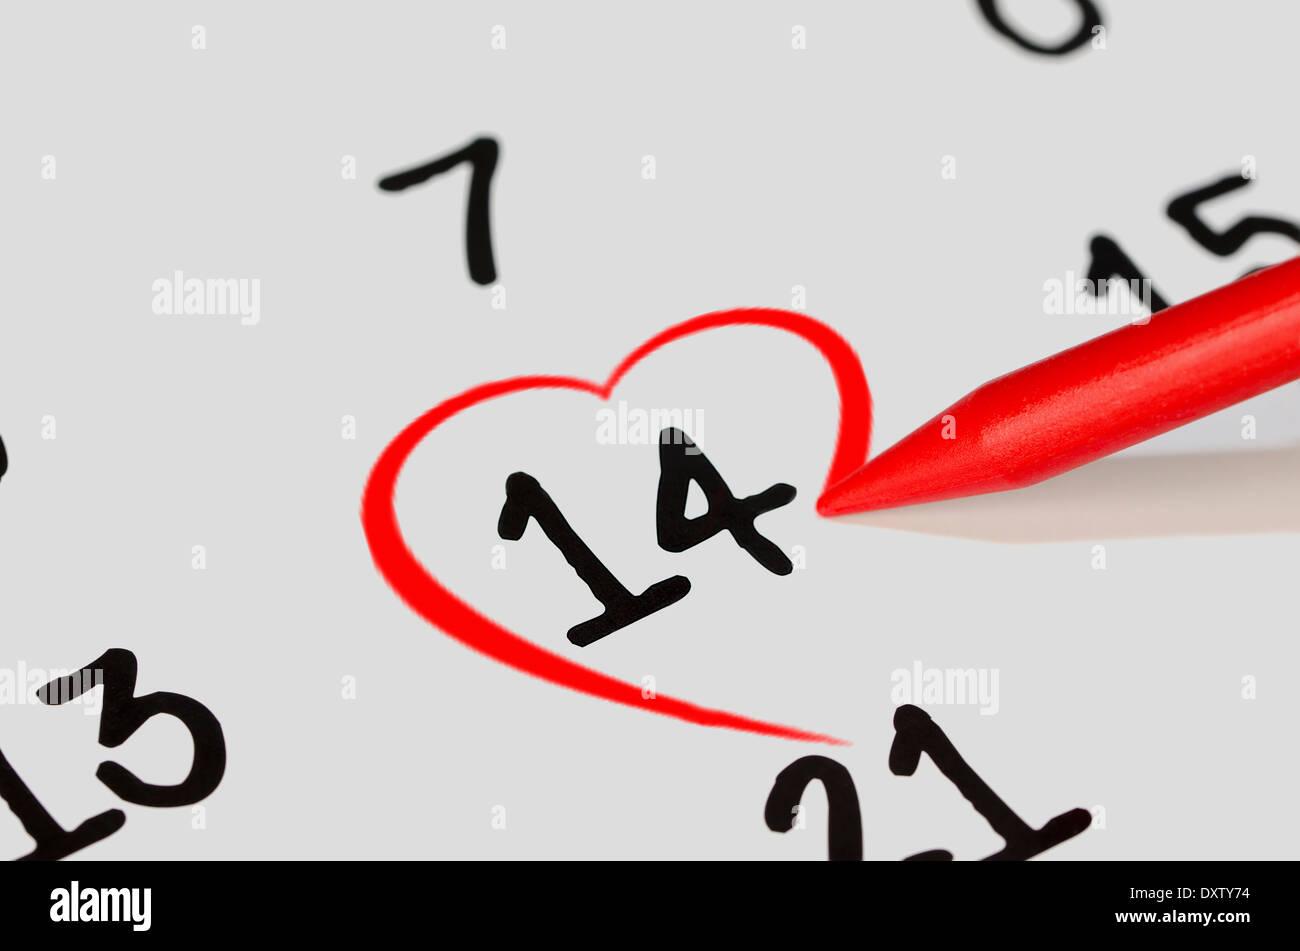 El 14 De Febrero Con Un Lápiz Rojo Dibujar Un Corazón Foto Imagen